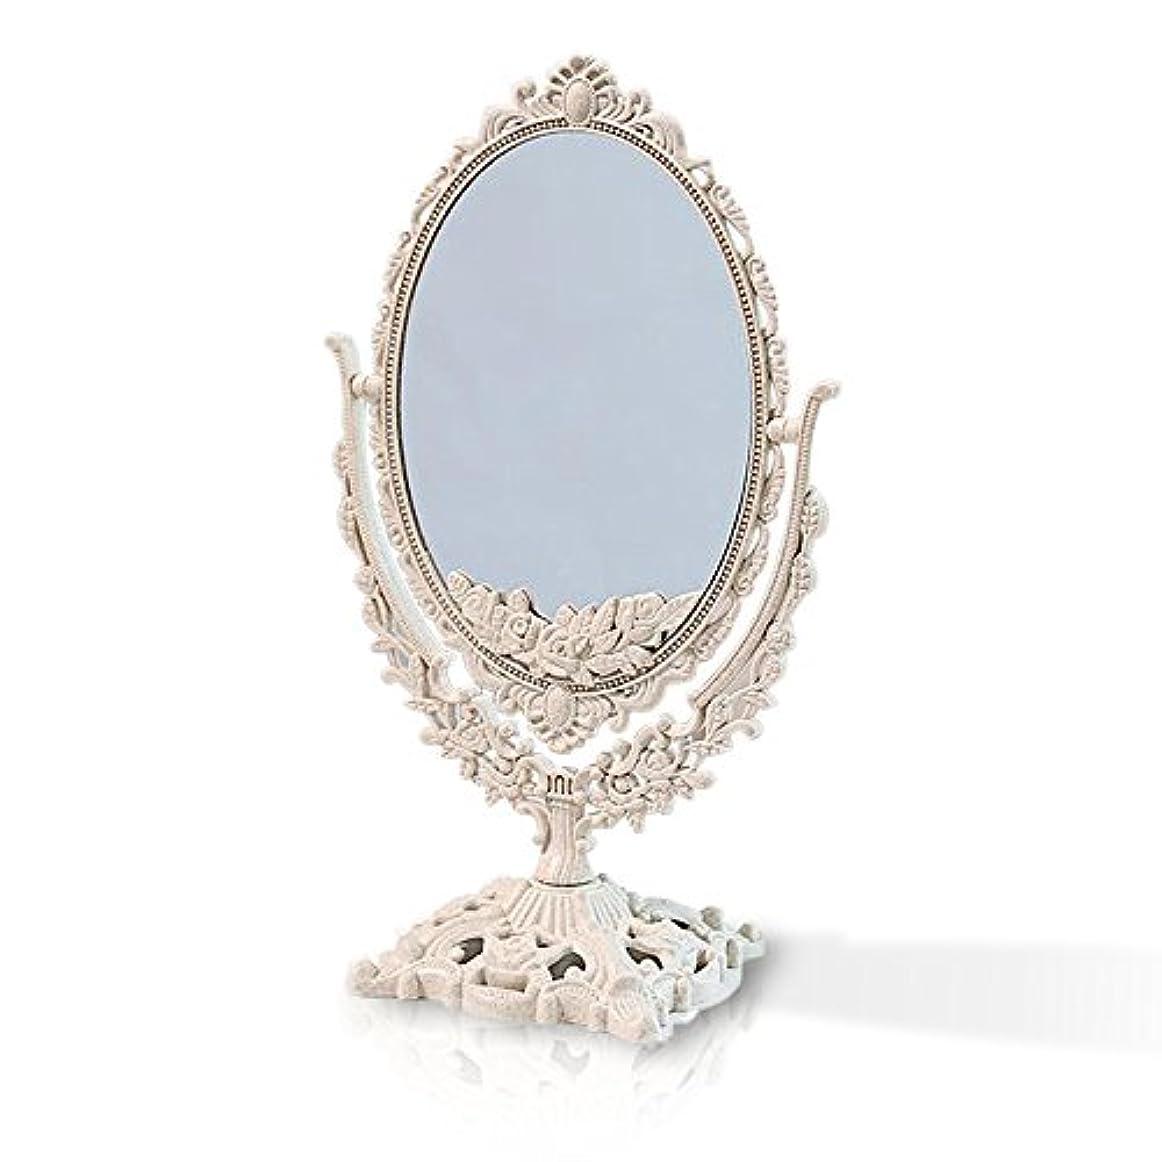 ラベンダーキーウェブ桜の雪 【3倍拡大鏡付き】 両面化粧鏡  ヨーロッパ式 (小さい型)